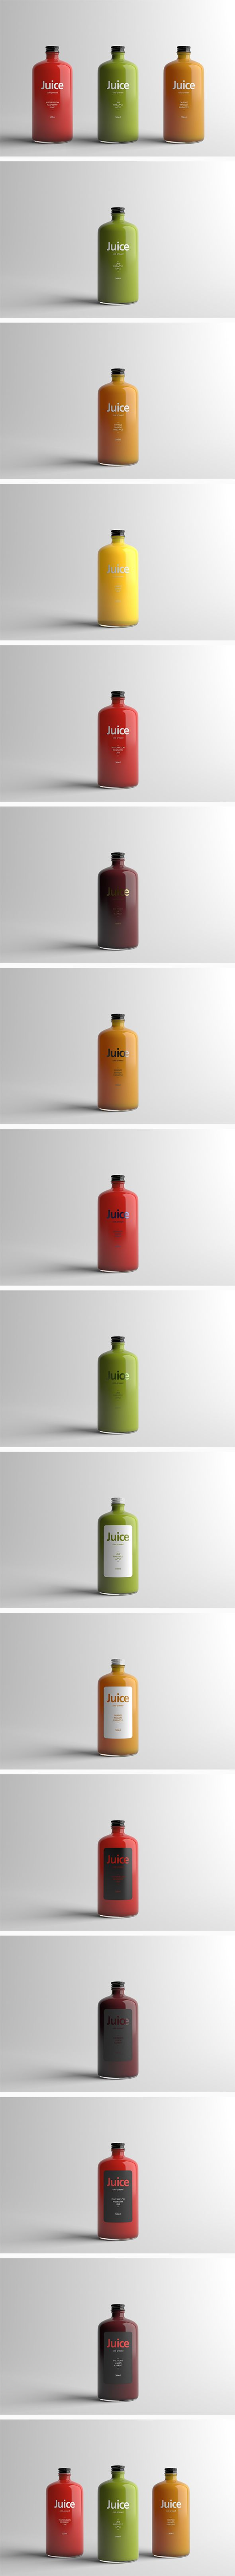 Consulter ce projet @Behance: «Juice Bottle Packaging Mock-Up» https://www.behance.net/gallery/35292473/Juice-Bottle-Packaging-Mock-Up